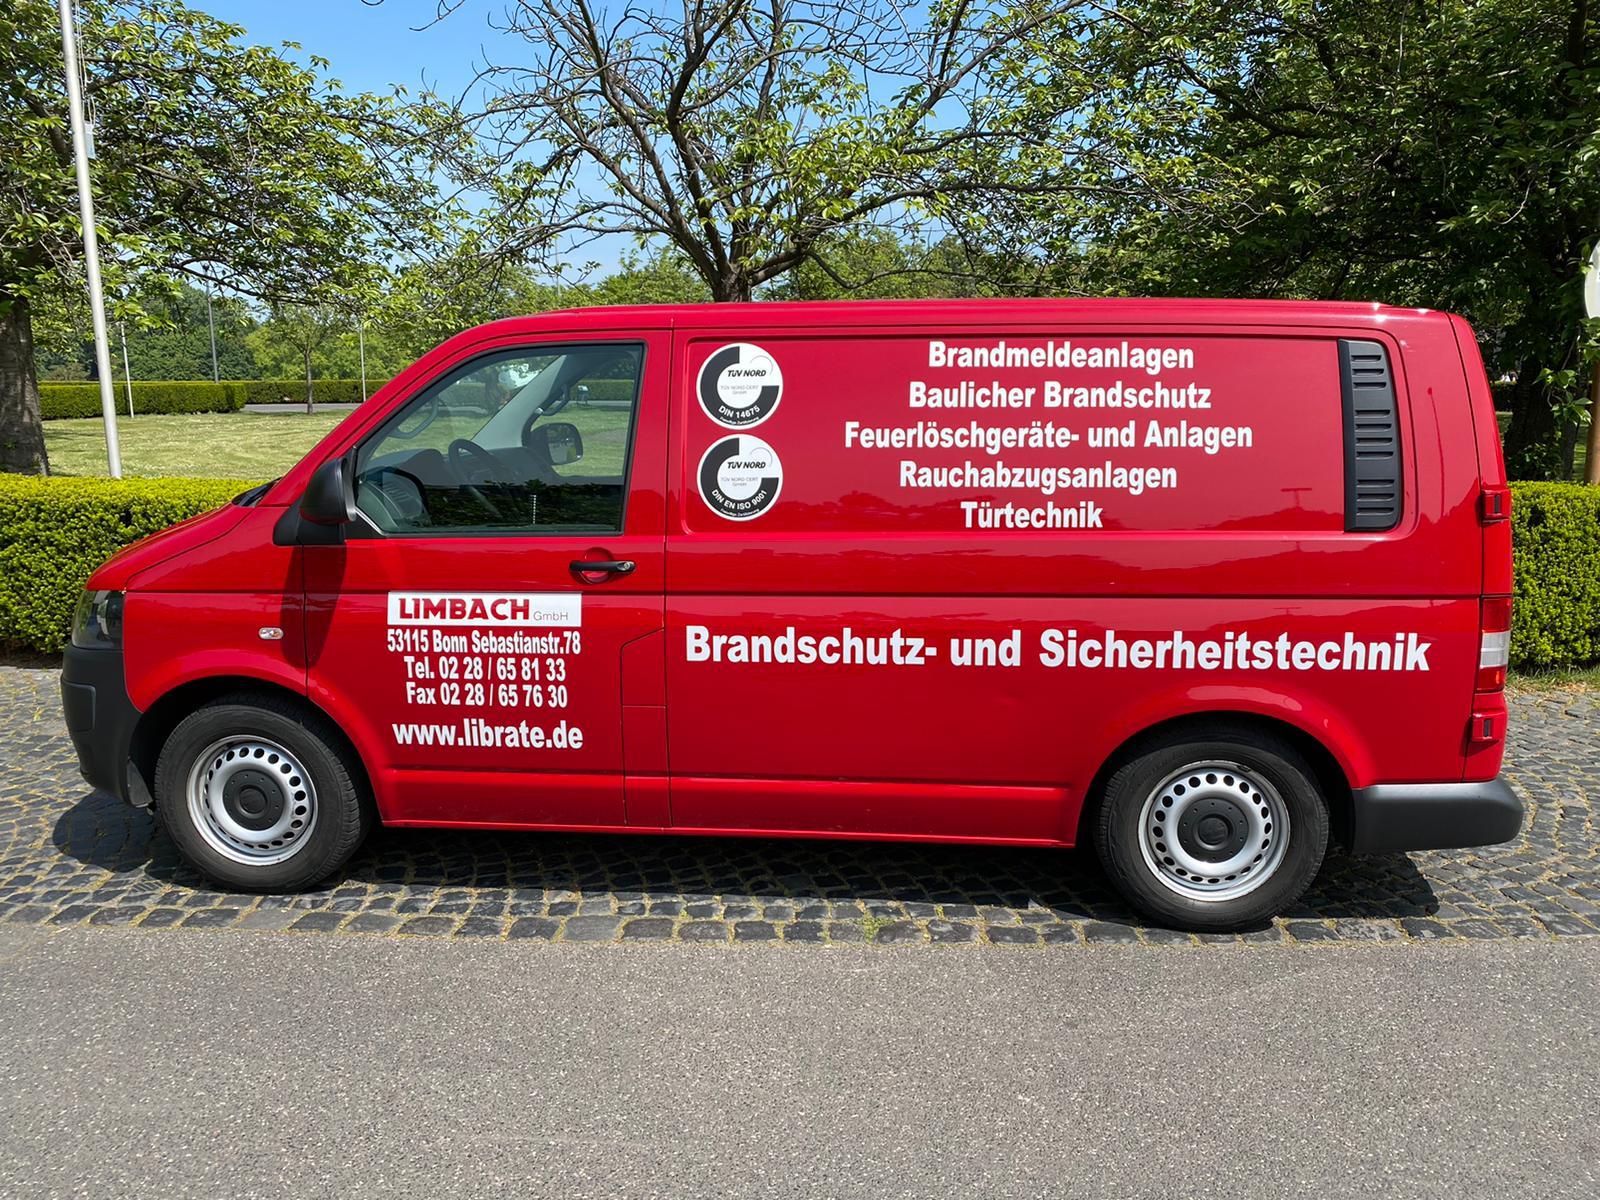 Rotes Fahrzeug mit ehemaliger Werbung zu Limbach Brandschutz